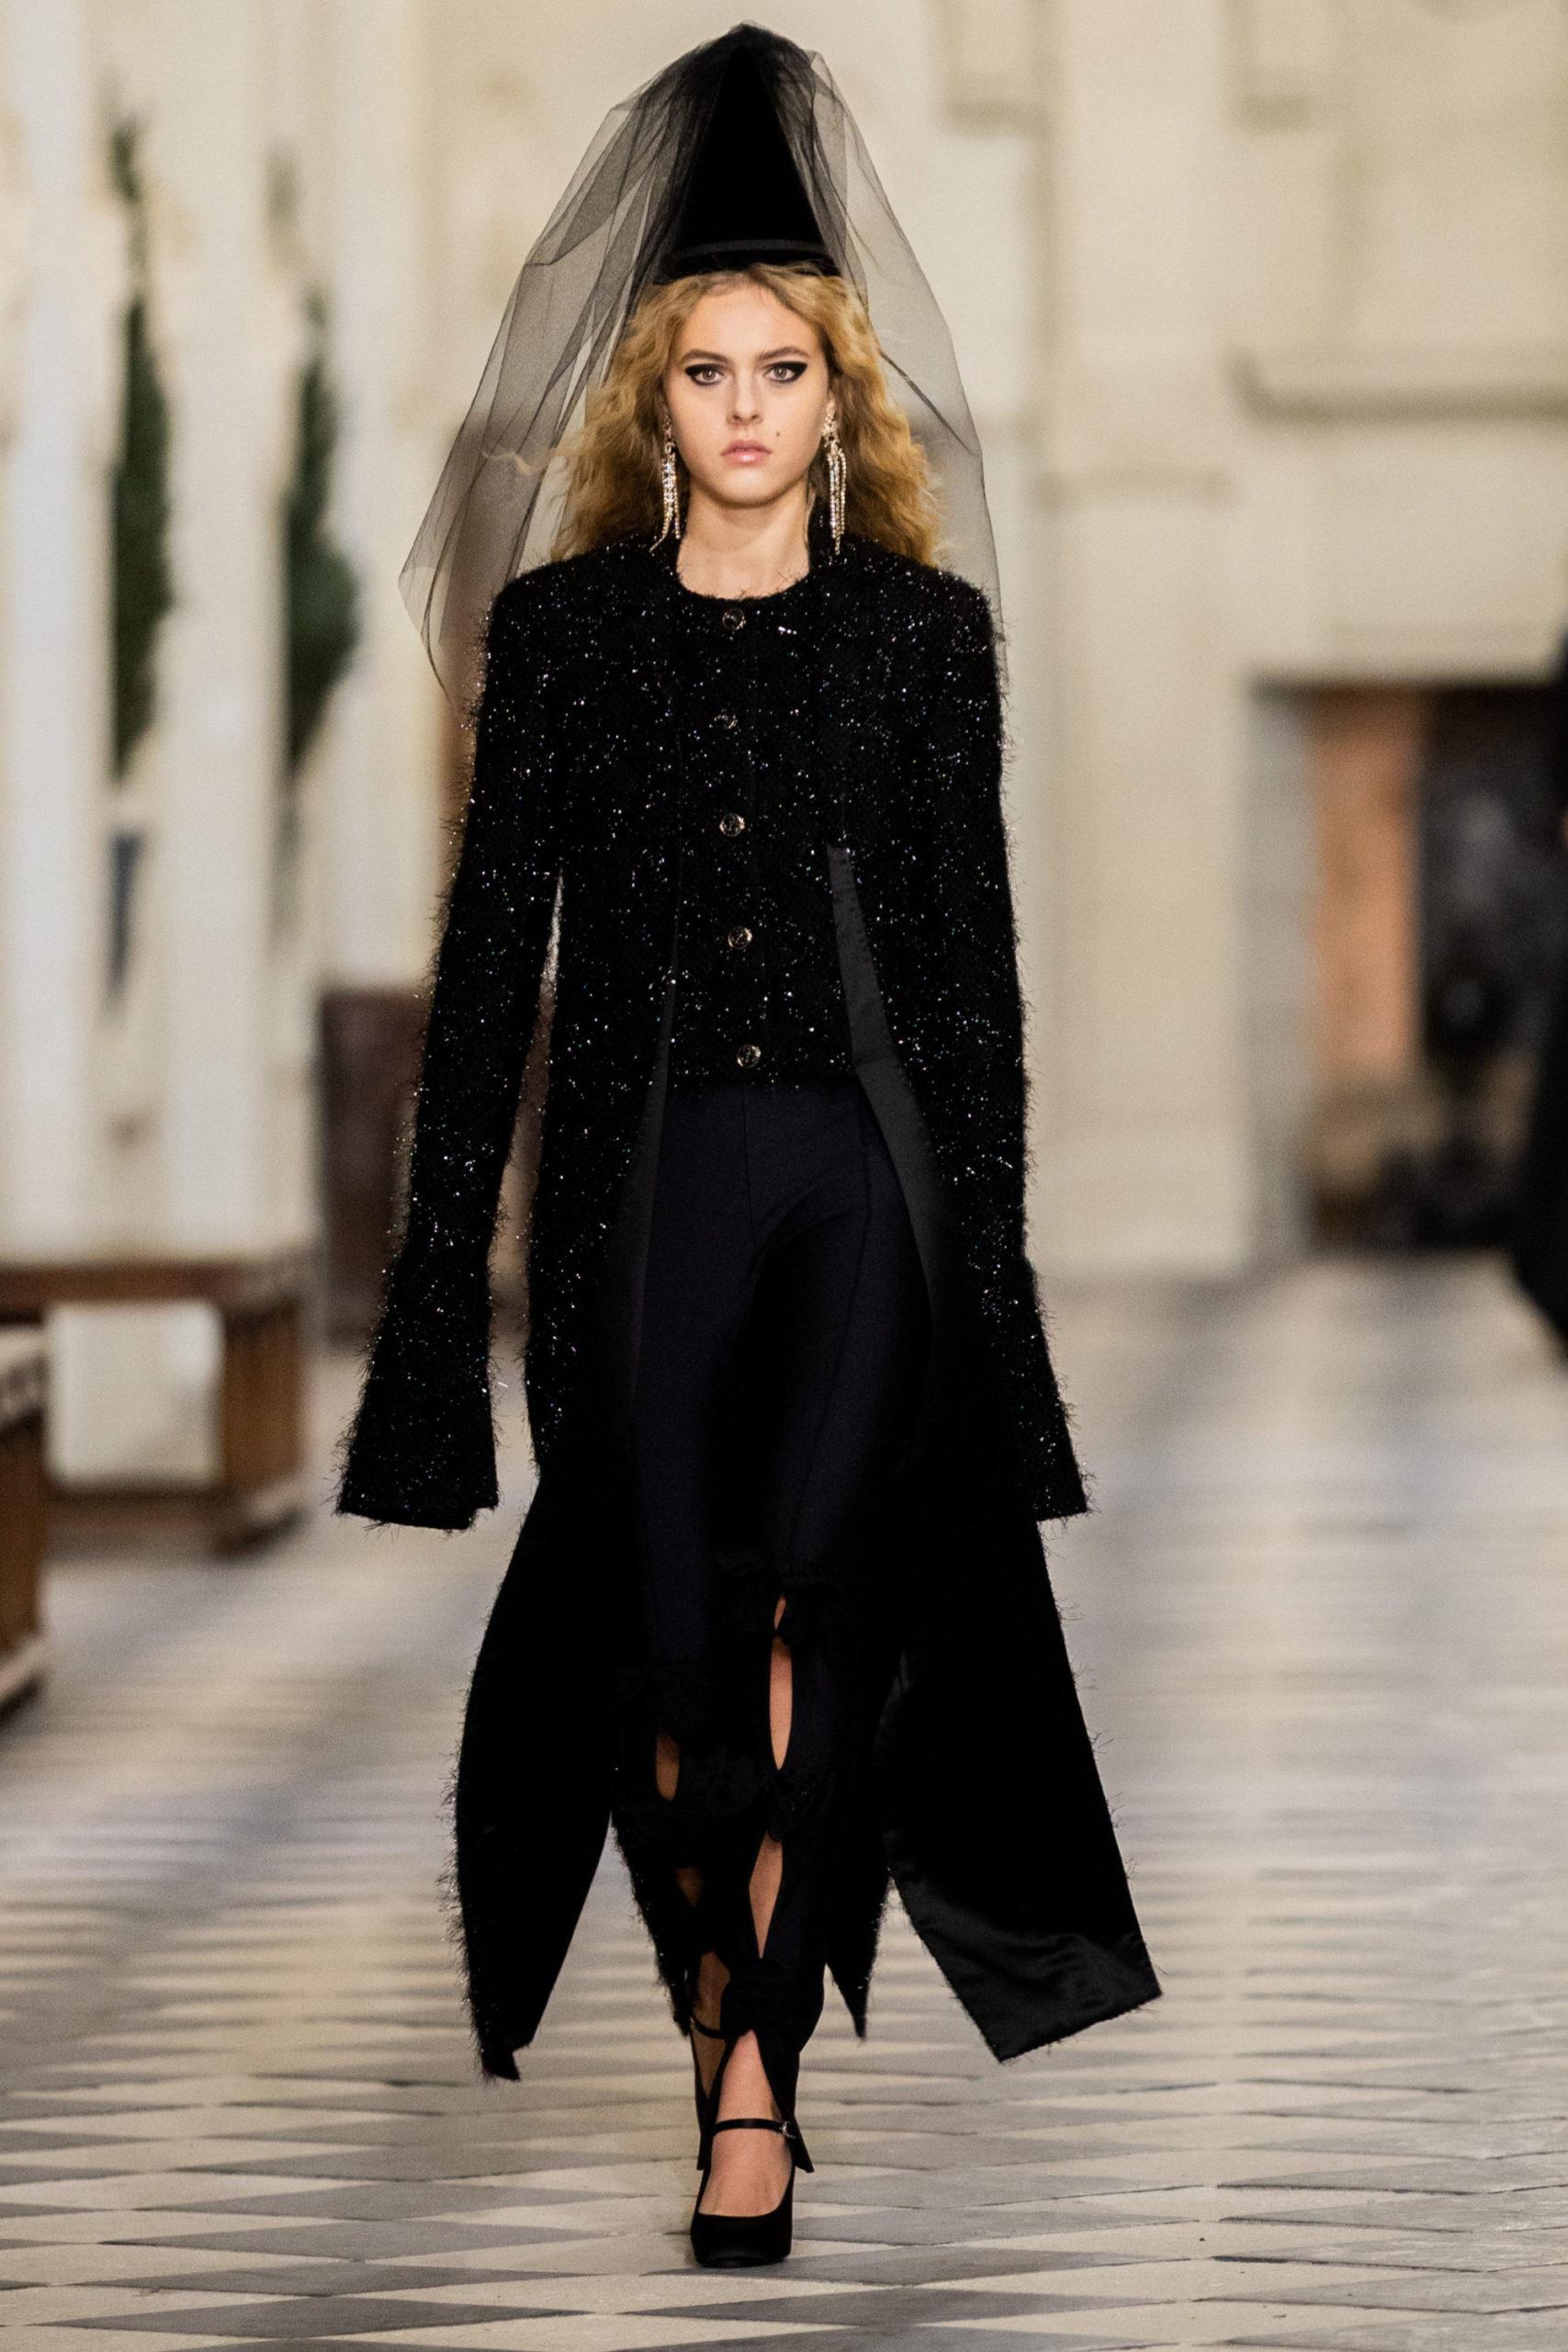 Платье с расклешёнными рукавами от Шанель модель 2022 года